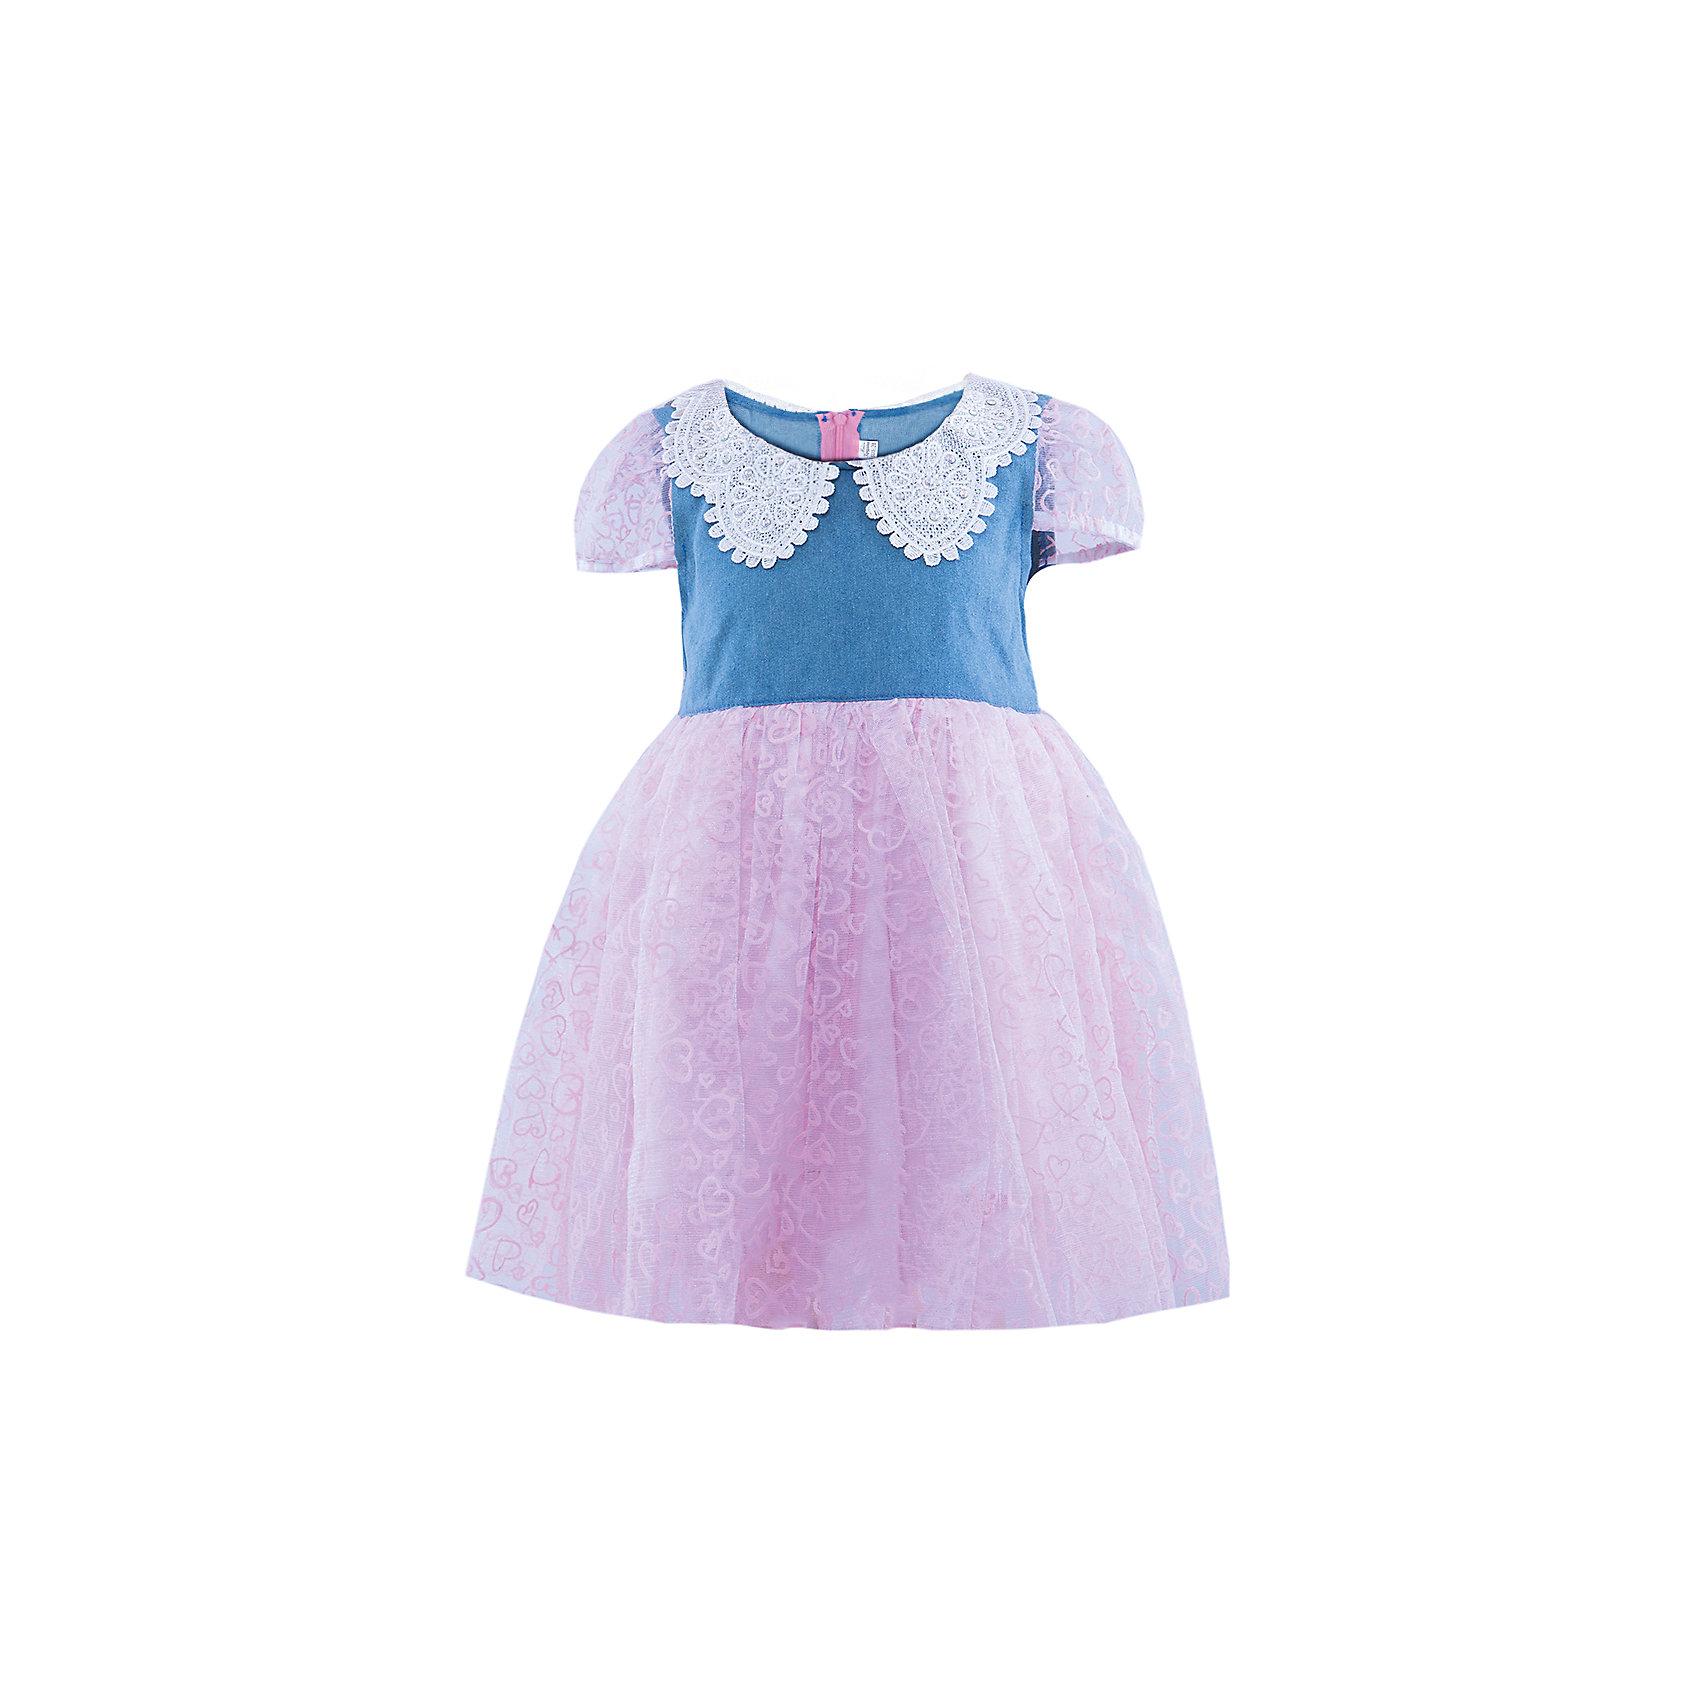 Платье ВенераНарядное платье для девочки. Верх выполнен из джинсы, украшен кружевным воротником со стразами. Юбка платья воздушная и невесомая, состоящая из трех подьюбников. Рукава платья выполнены из принтованной сетки, со вставными резиночками. Красивое нарядное платье для празника и повседневной носки.<br><br>Ширина мм: 236<br>Глубина мм: 16<br>Высота мм: 184<br>Вес г: 177<br>Цвет: красный<br>Возраст от месяцев: 36<br>Возраст до месяцев: 48<br>Пол: Женский<br>Возраст: Детский<br>Размер: 98/104<br>SKU: 4445199